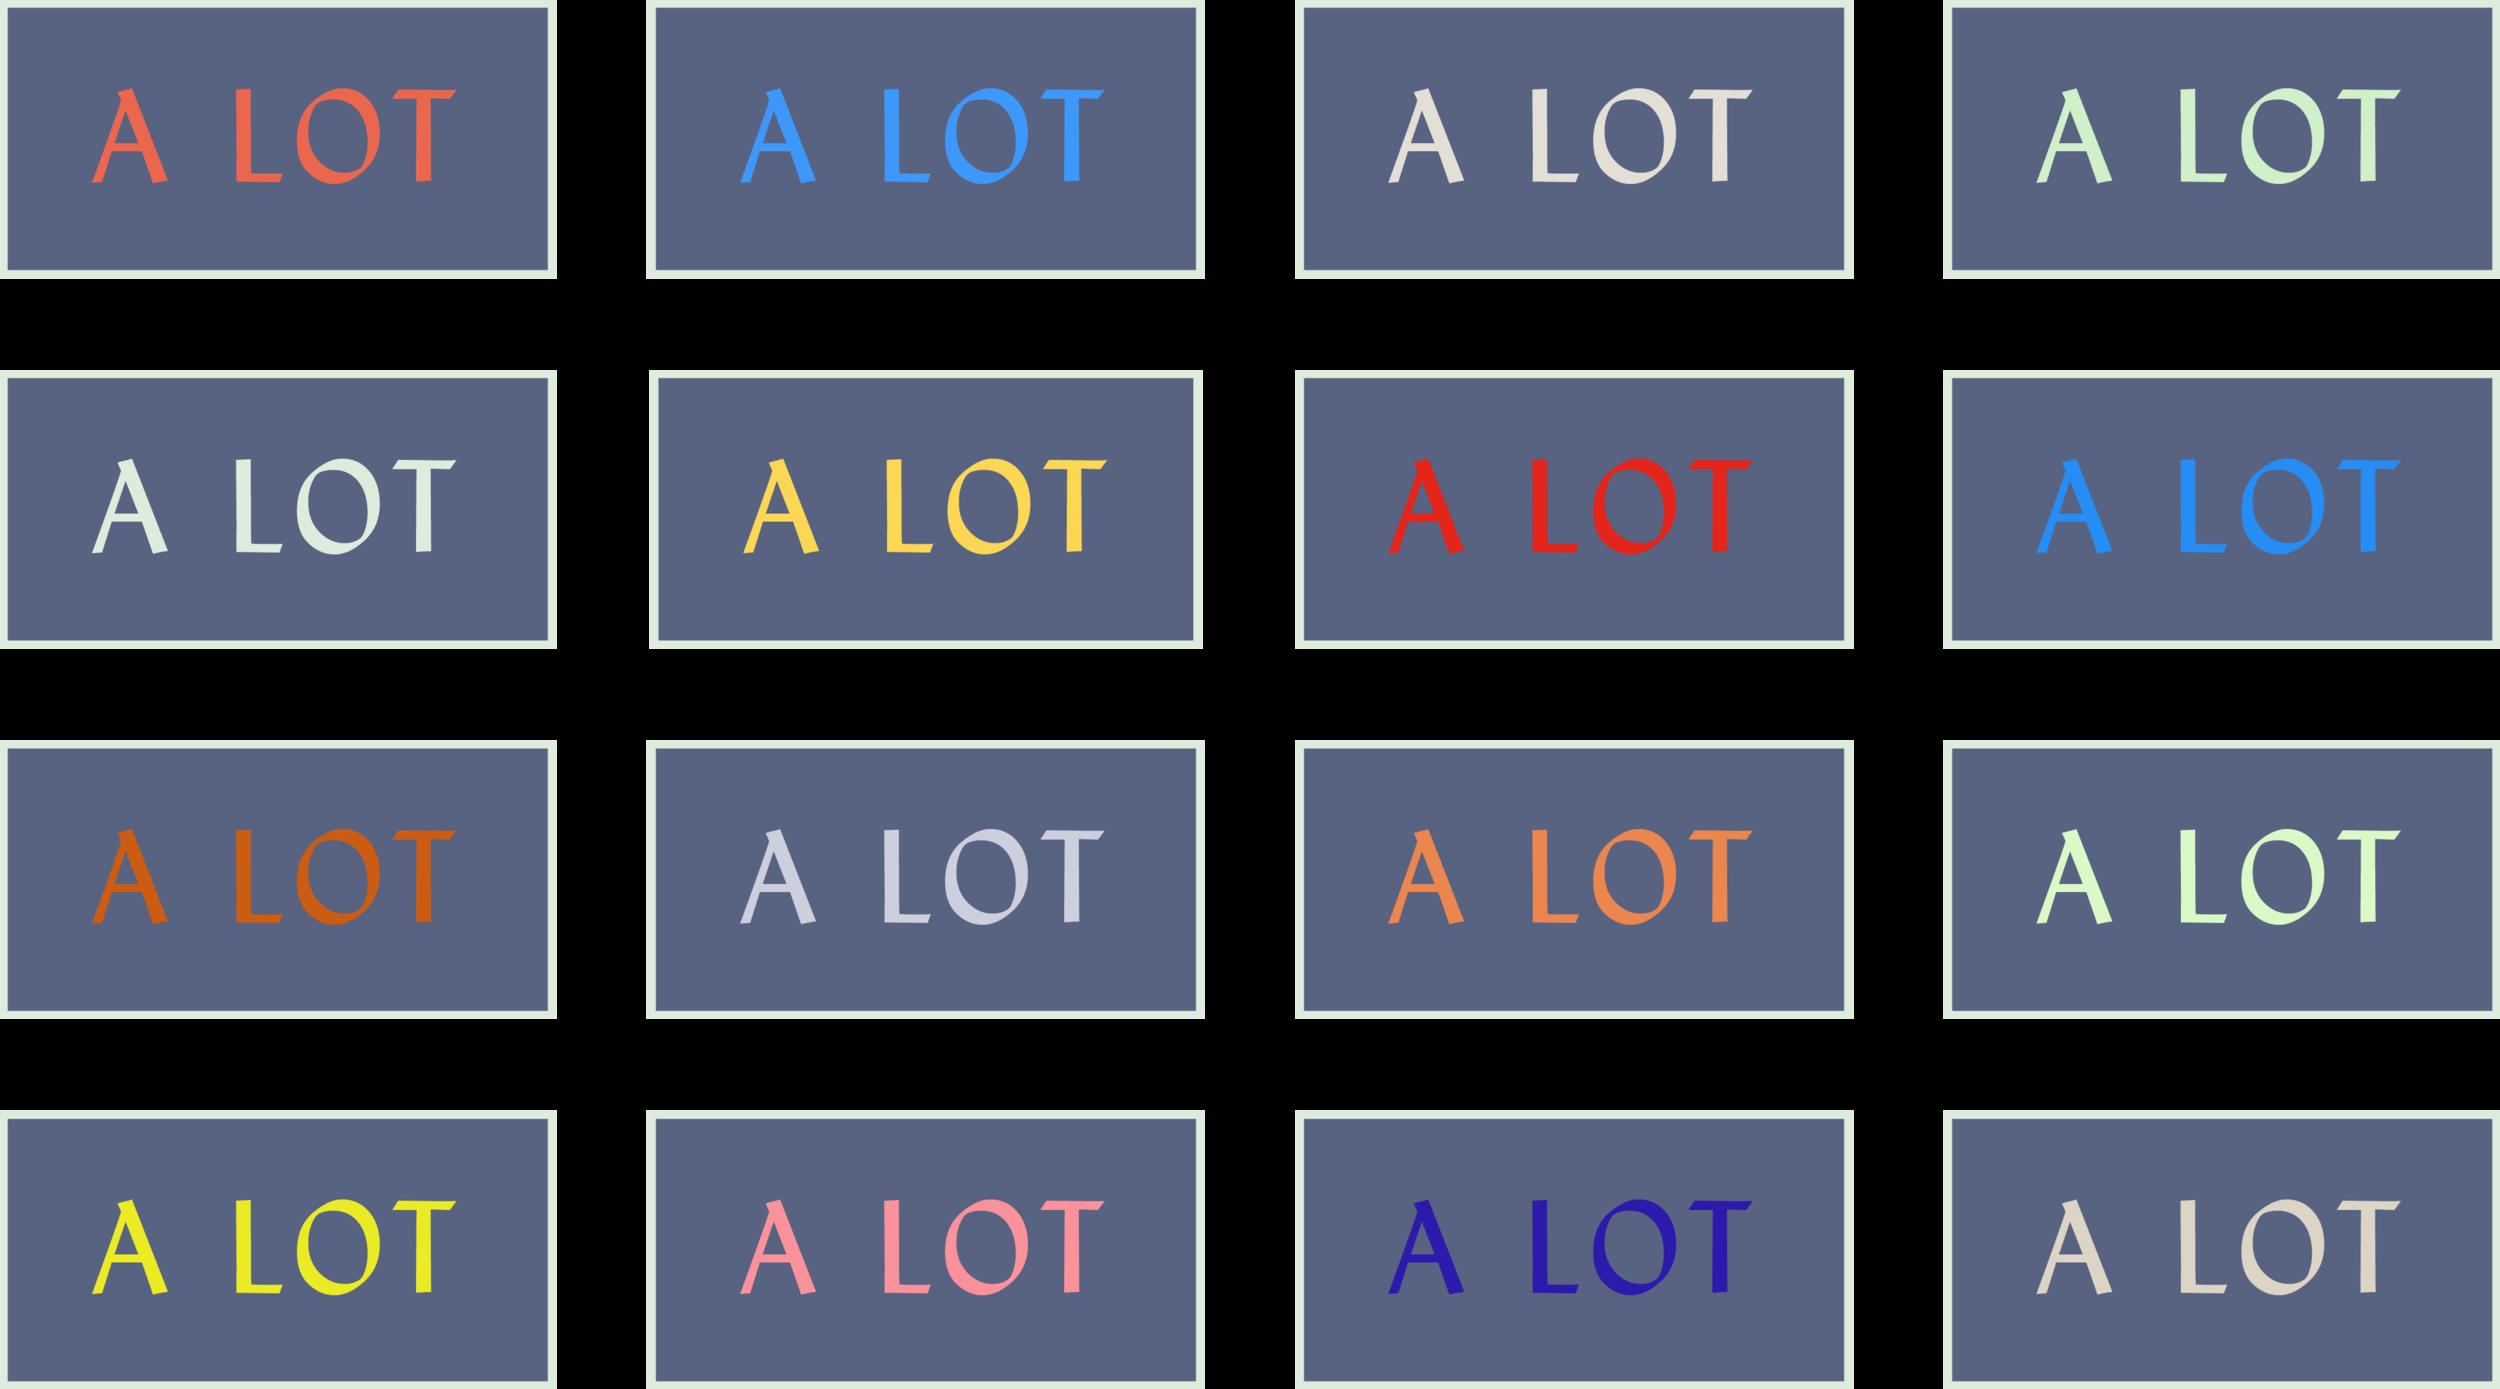 ALOT_7.4.png